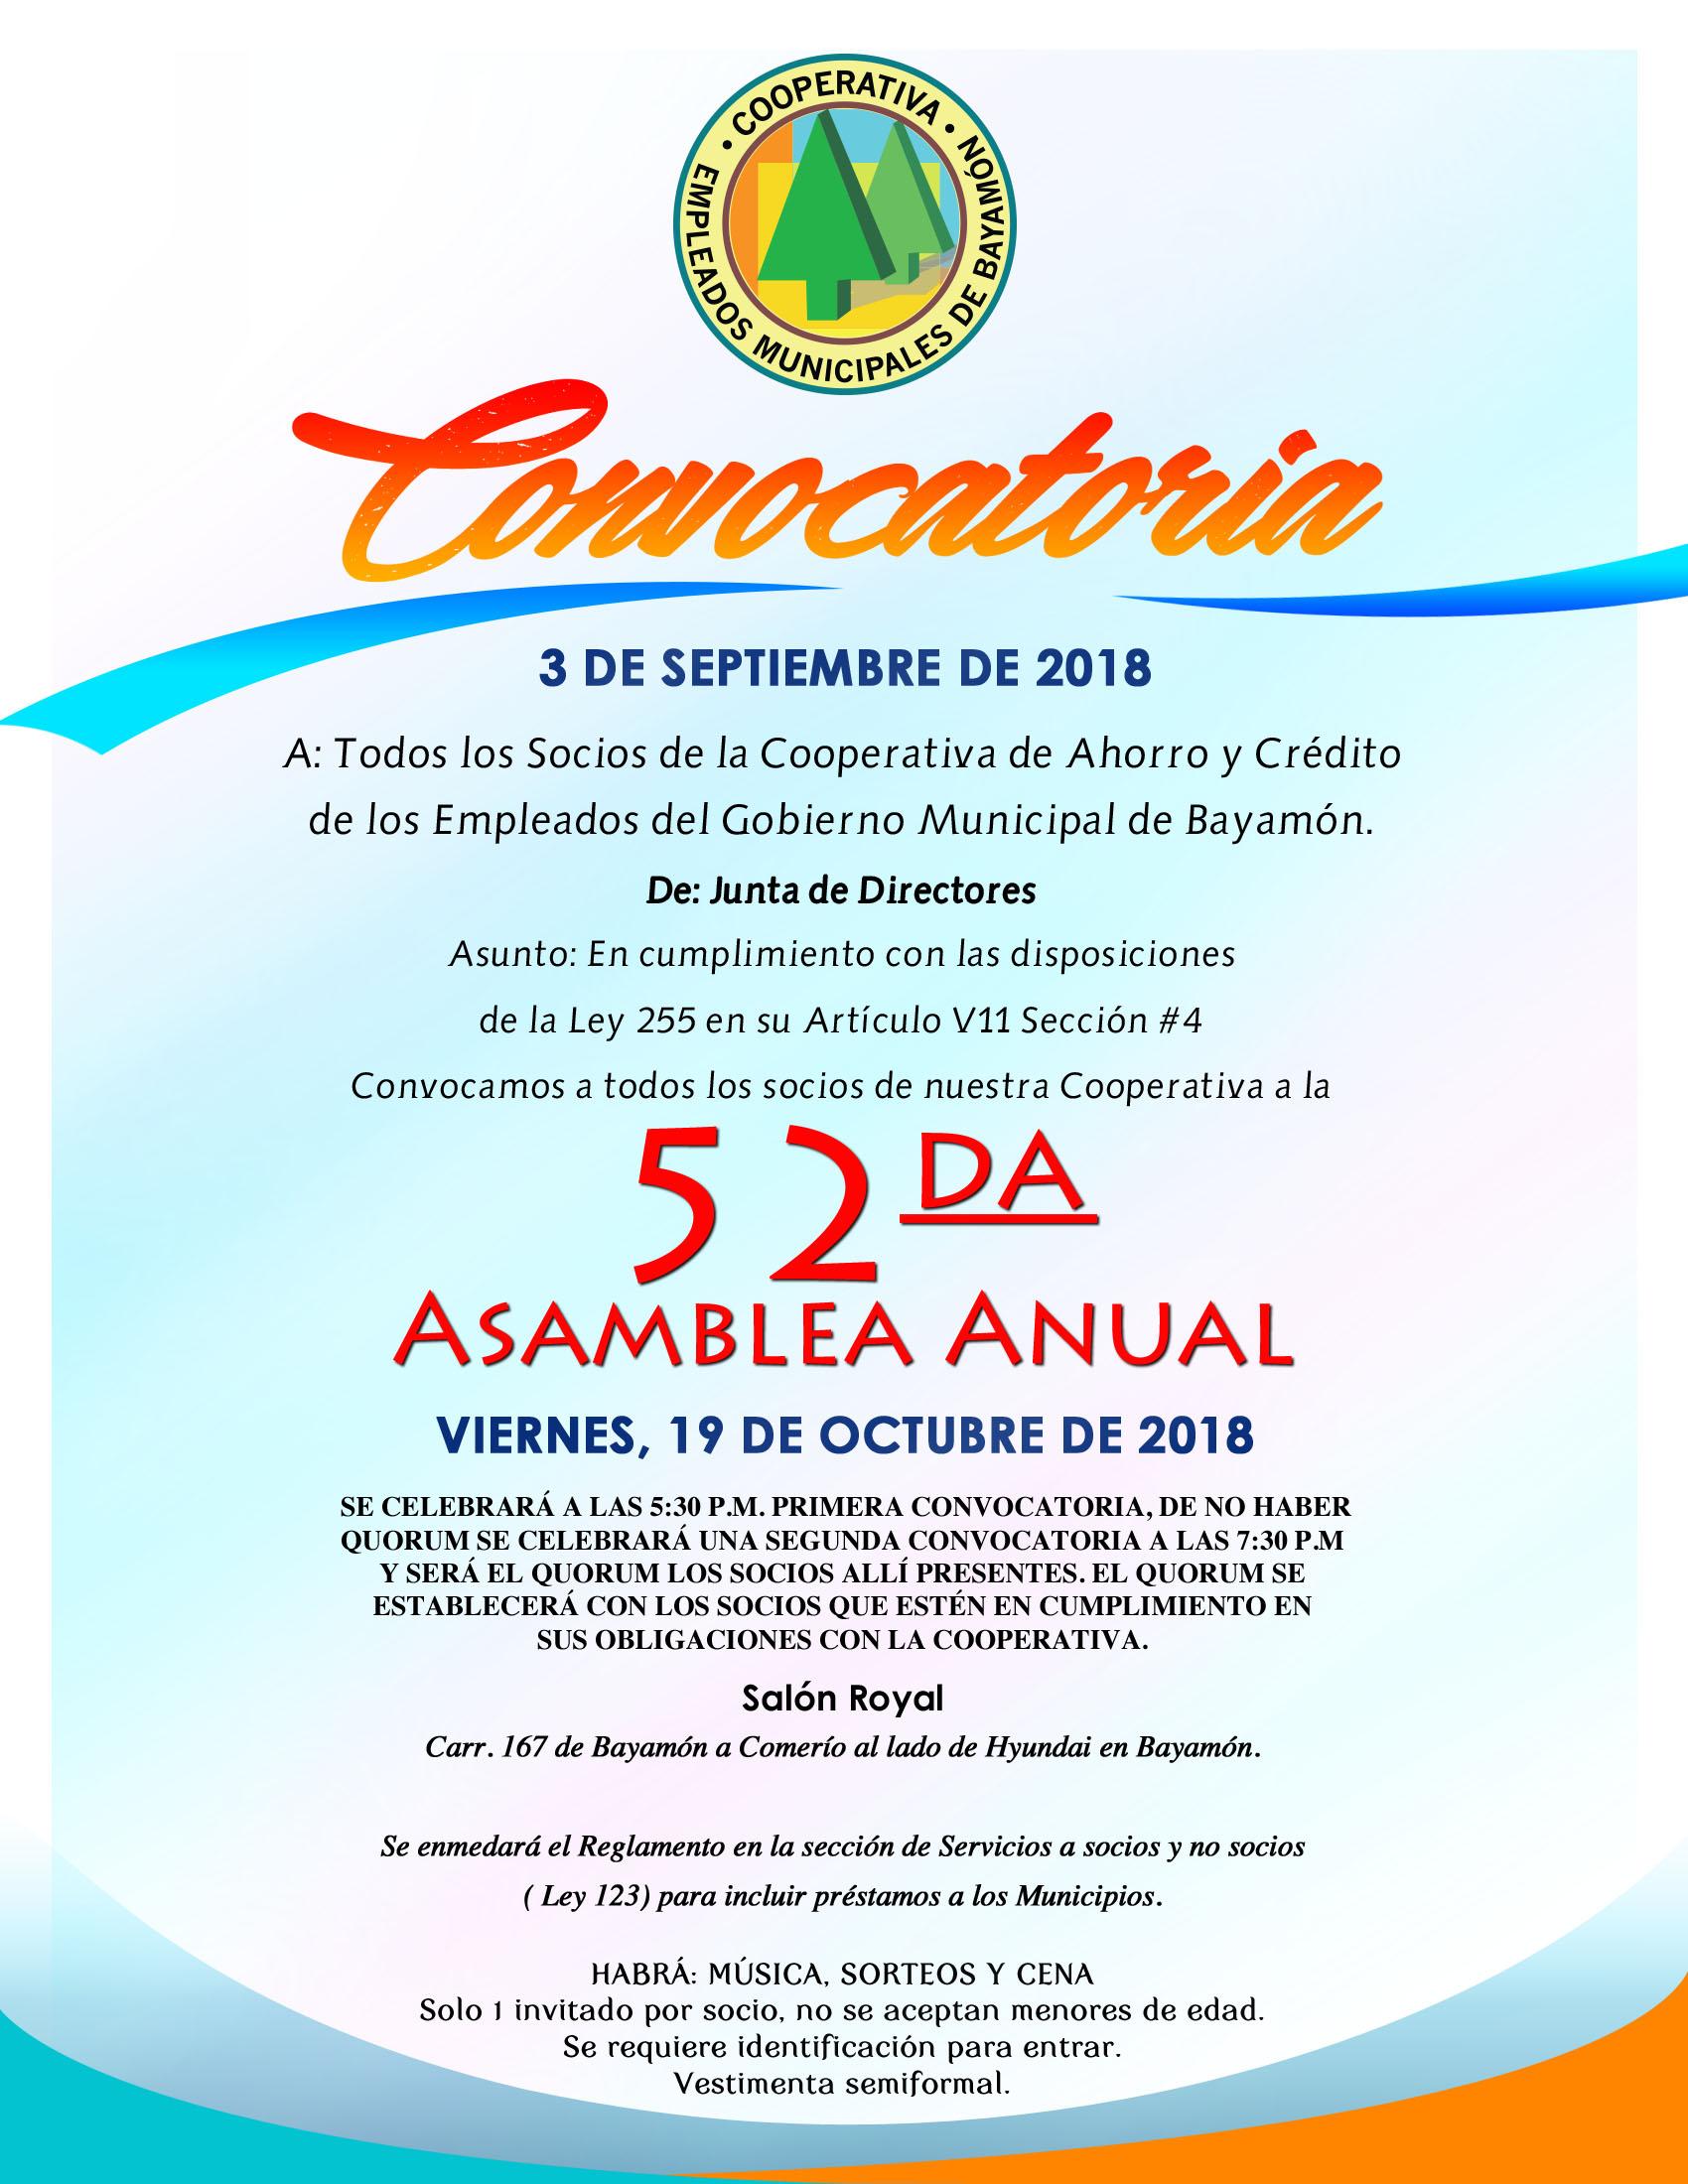 52da Asamblea Anual de la Cooperativa de Empleados Municipales